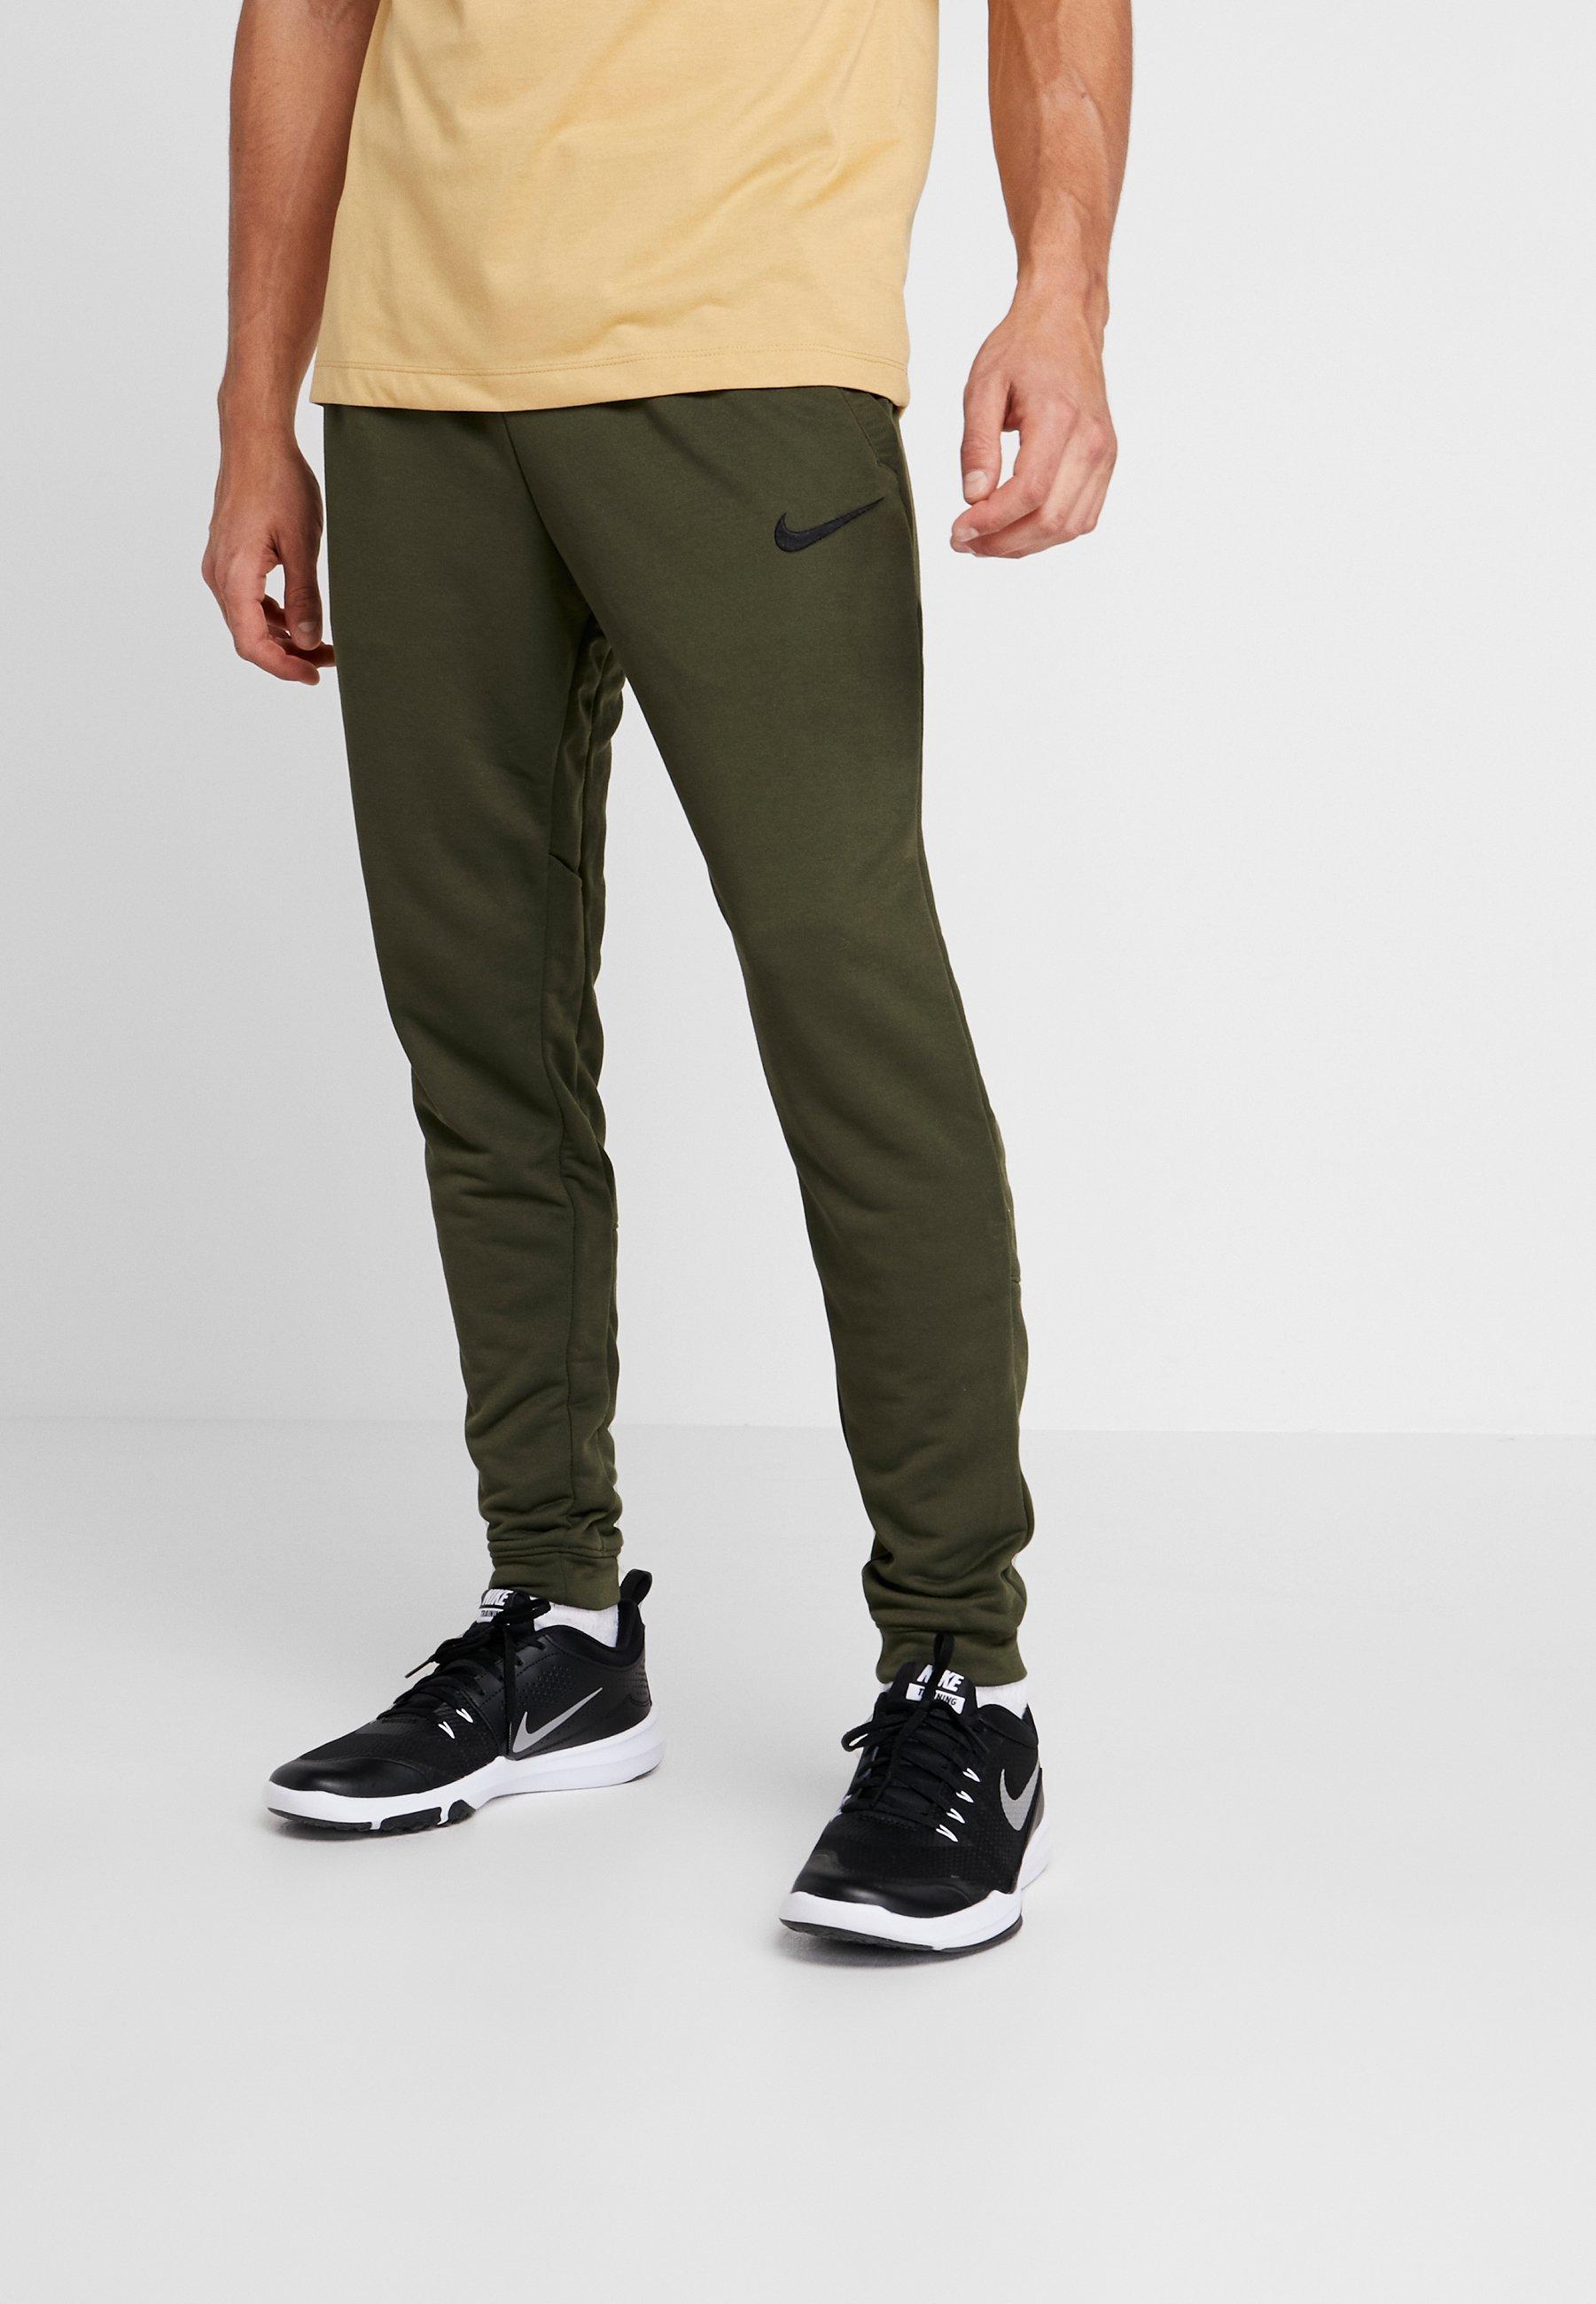 TaperPantalon black Survêtement Cargo Pant Nike Performance Dry De Khaki OPk0wn